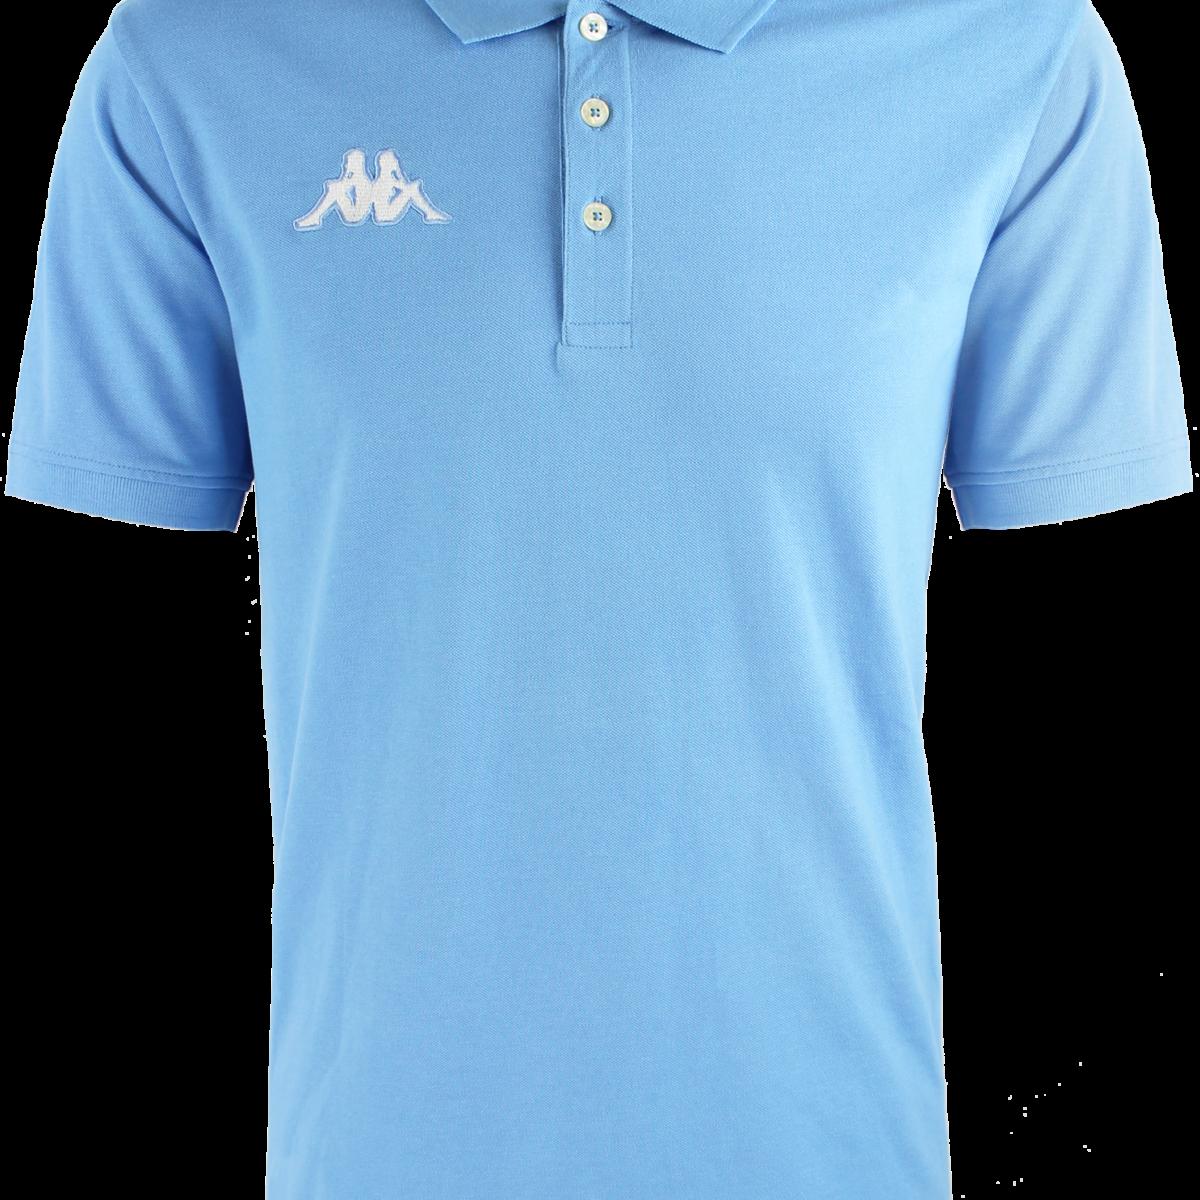 CALYSM Peglio Polo Shirt 304TSDO 930 - Junior